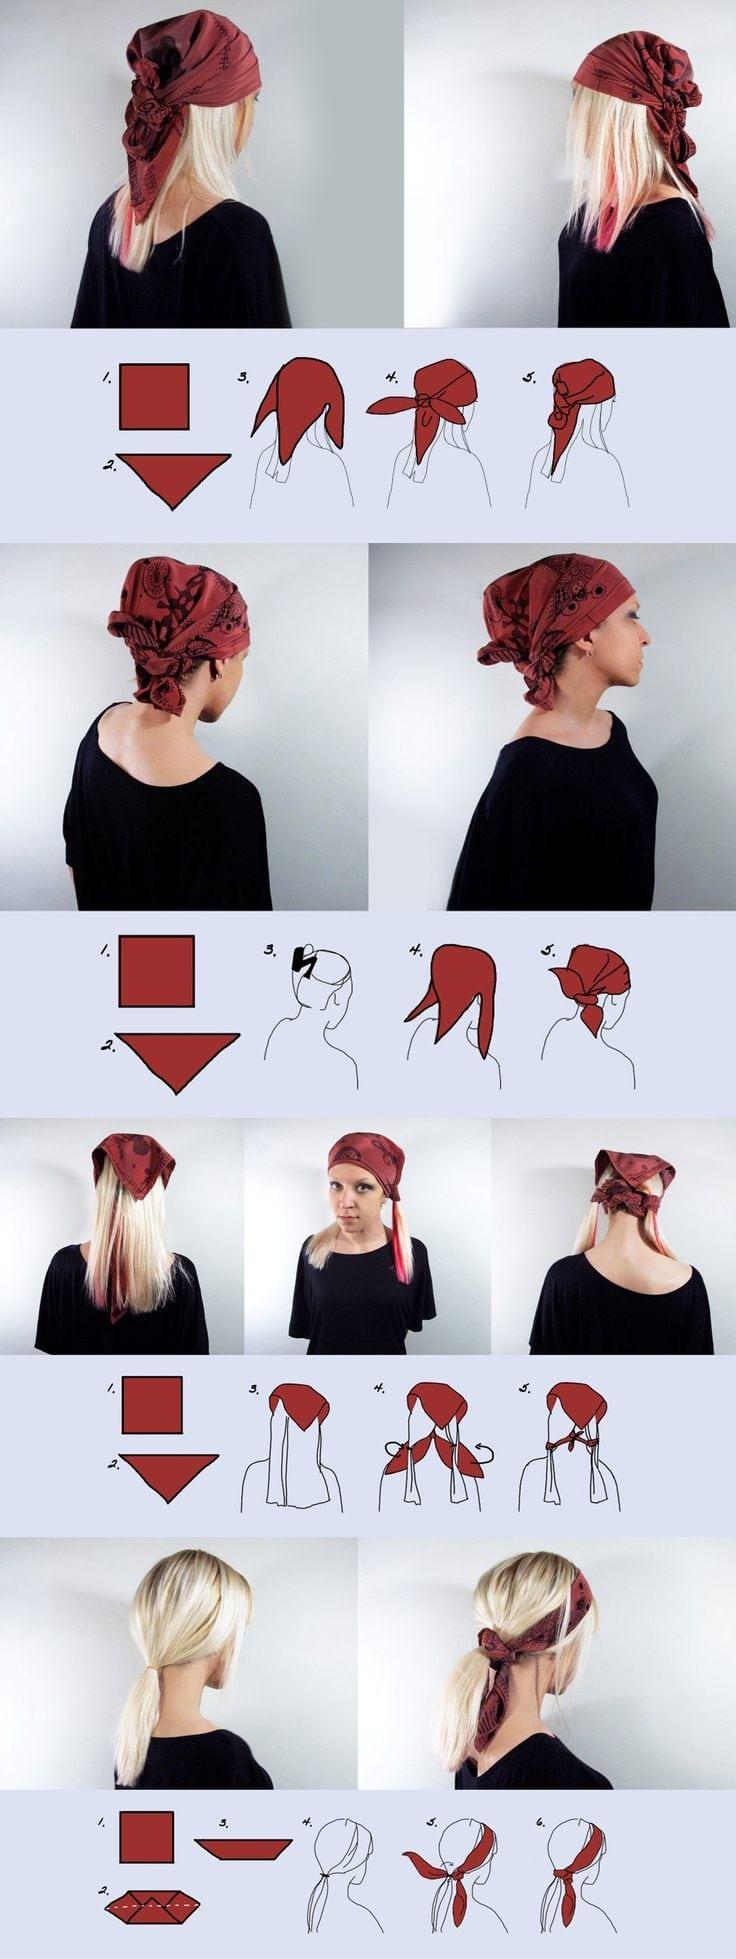 Conseils de mode et coiffure comment enrouler un foulard sur la tête avec style avec les cheveux longs ou les cheveux courts à l'africaine ou orientale. Source by homtiedomtie   …